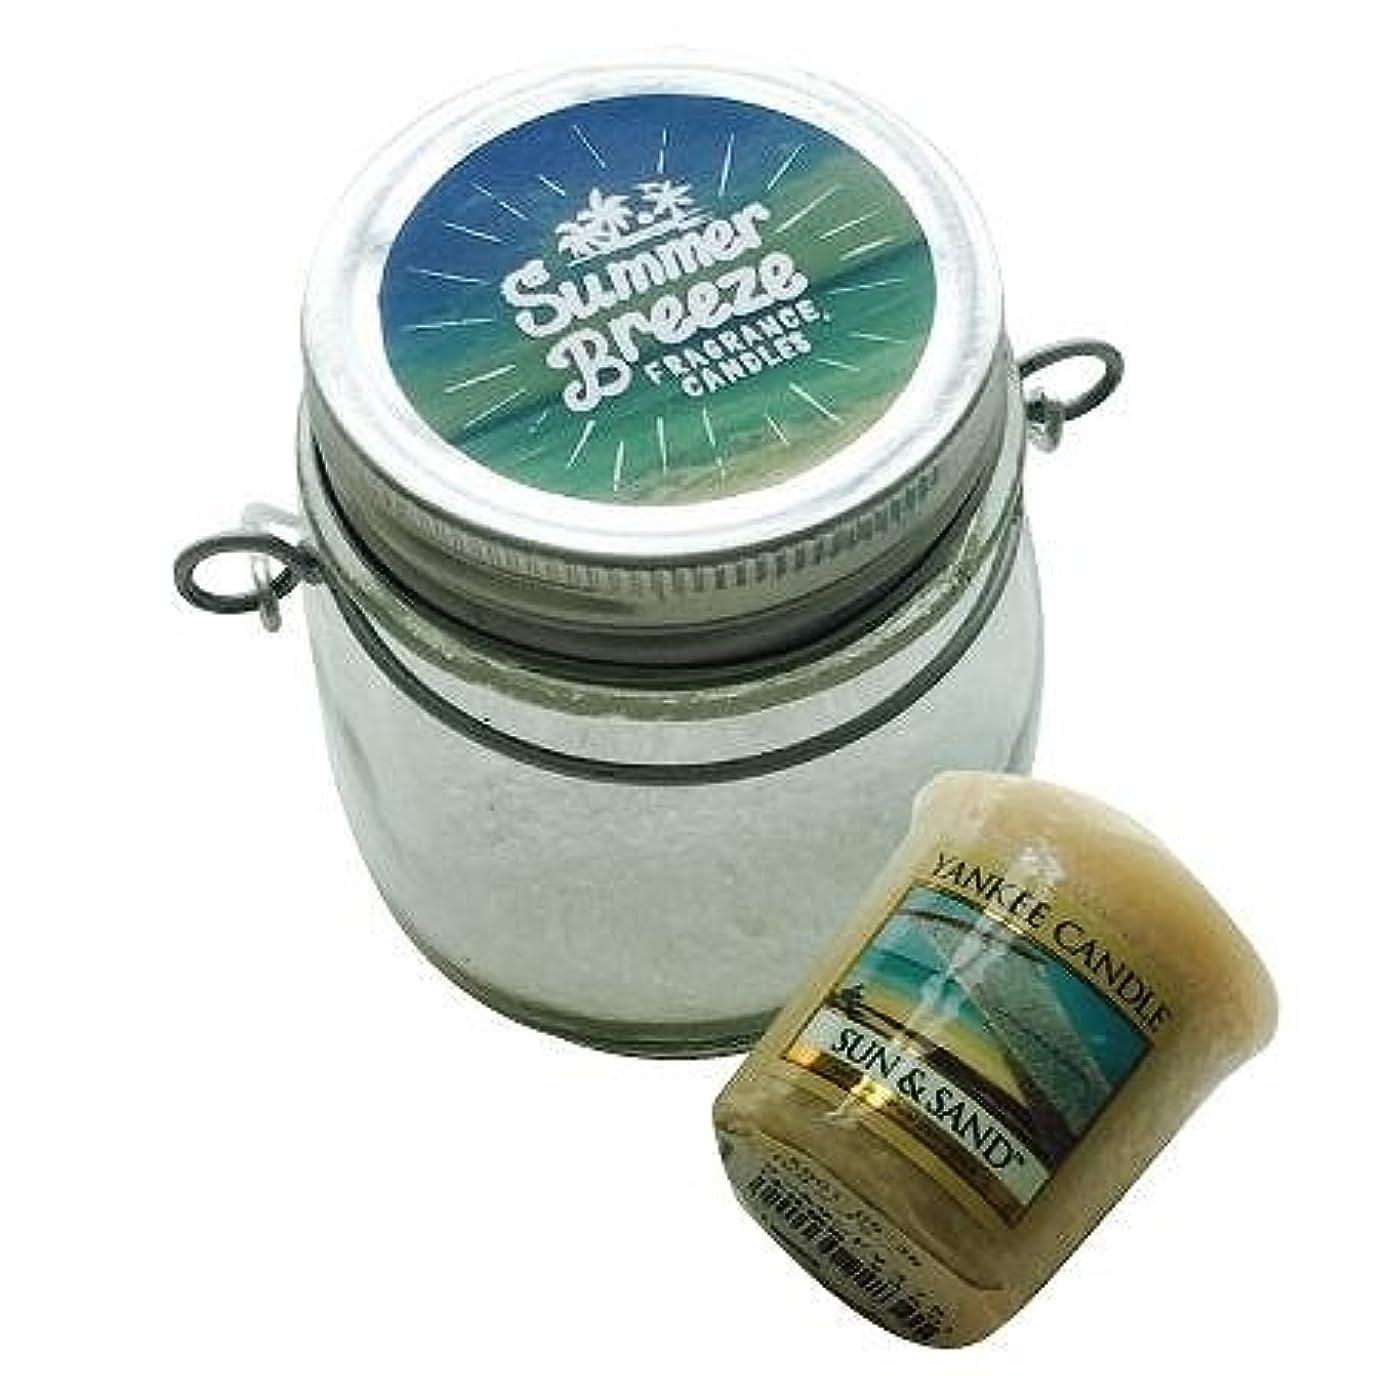 ねばねば植生水分カメヤマキャンドル(kameyama candle) サマーブリーズジャーキャンドルセット 「 サン&サンド 」